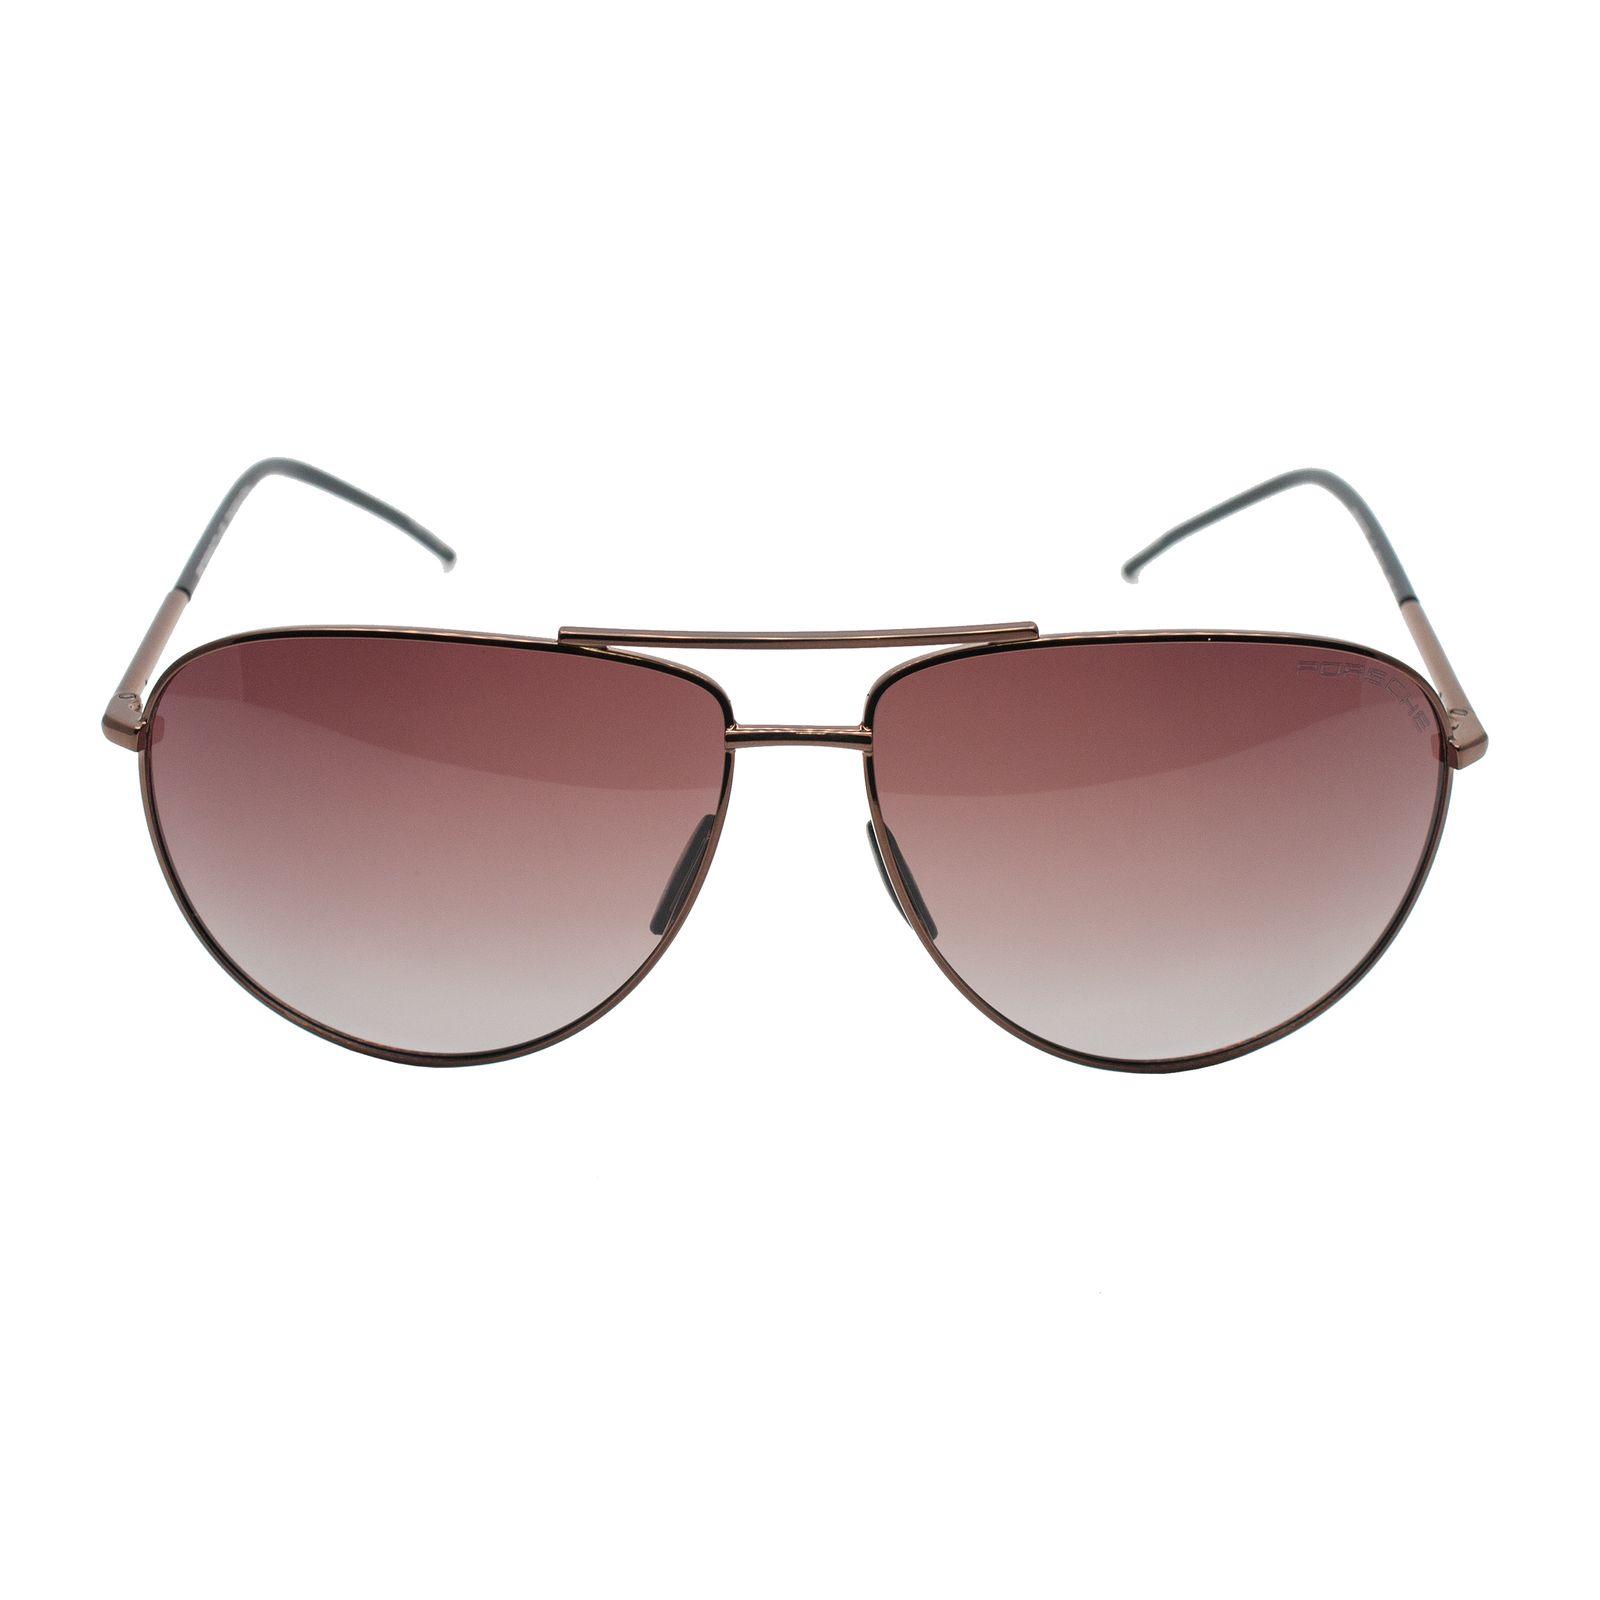 عینک آفتابی پورش دیزاین مدل P 8629 -  - 3